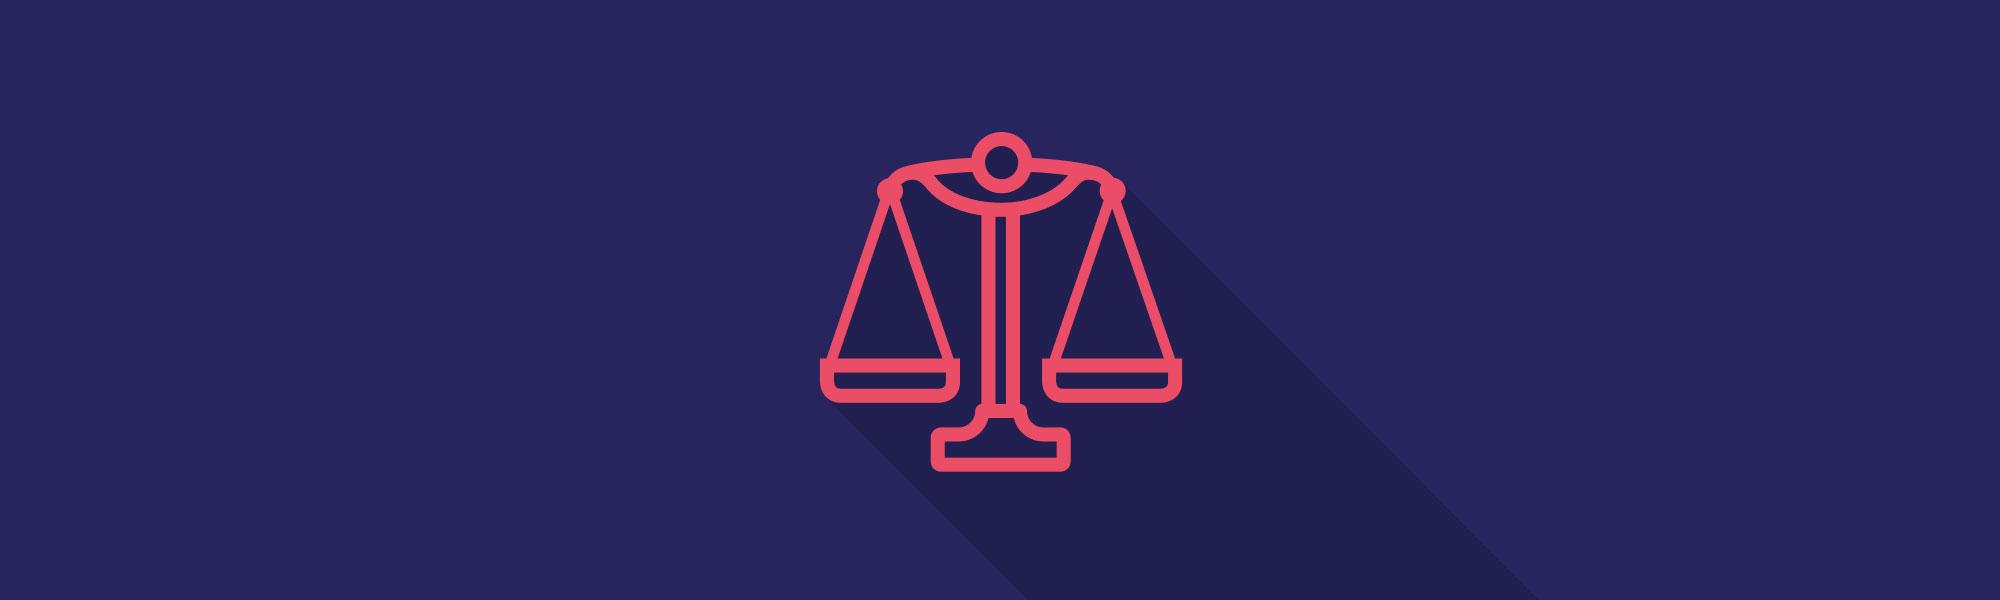 Full width banner legal